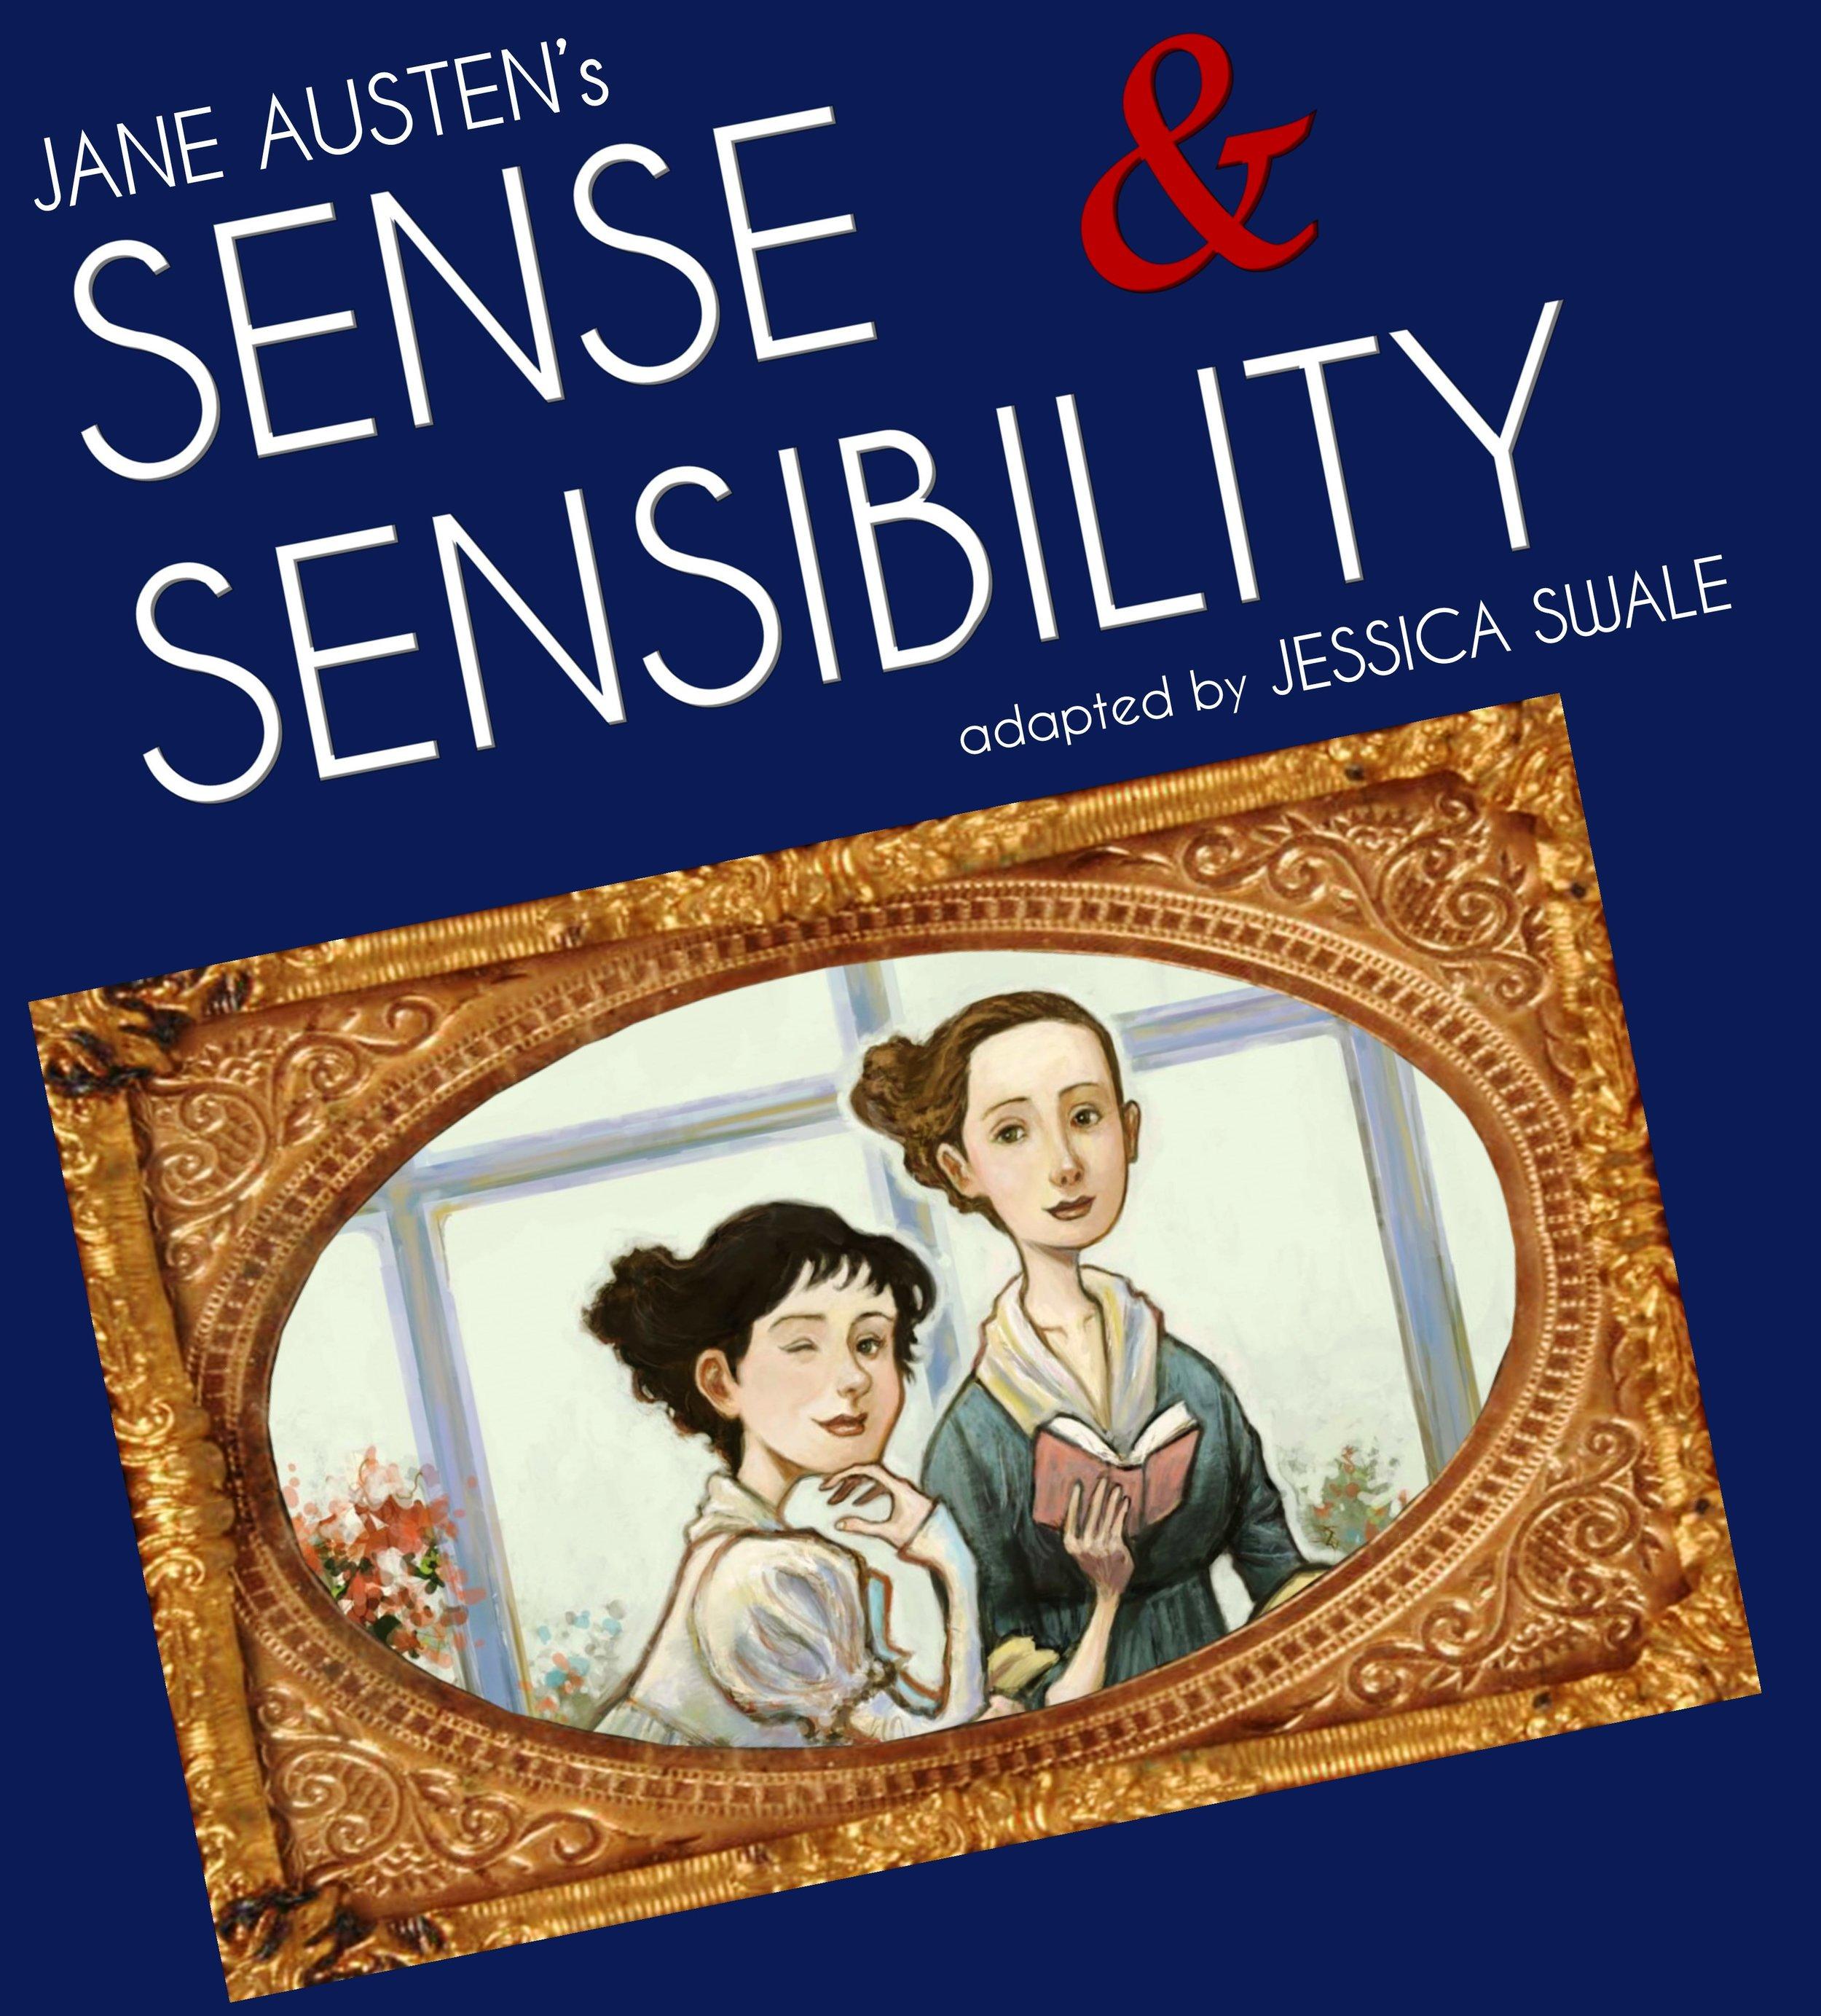 sense and sensibility web image 2.jpg